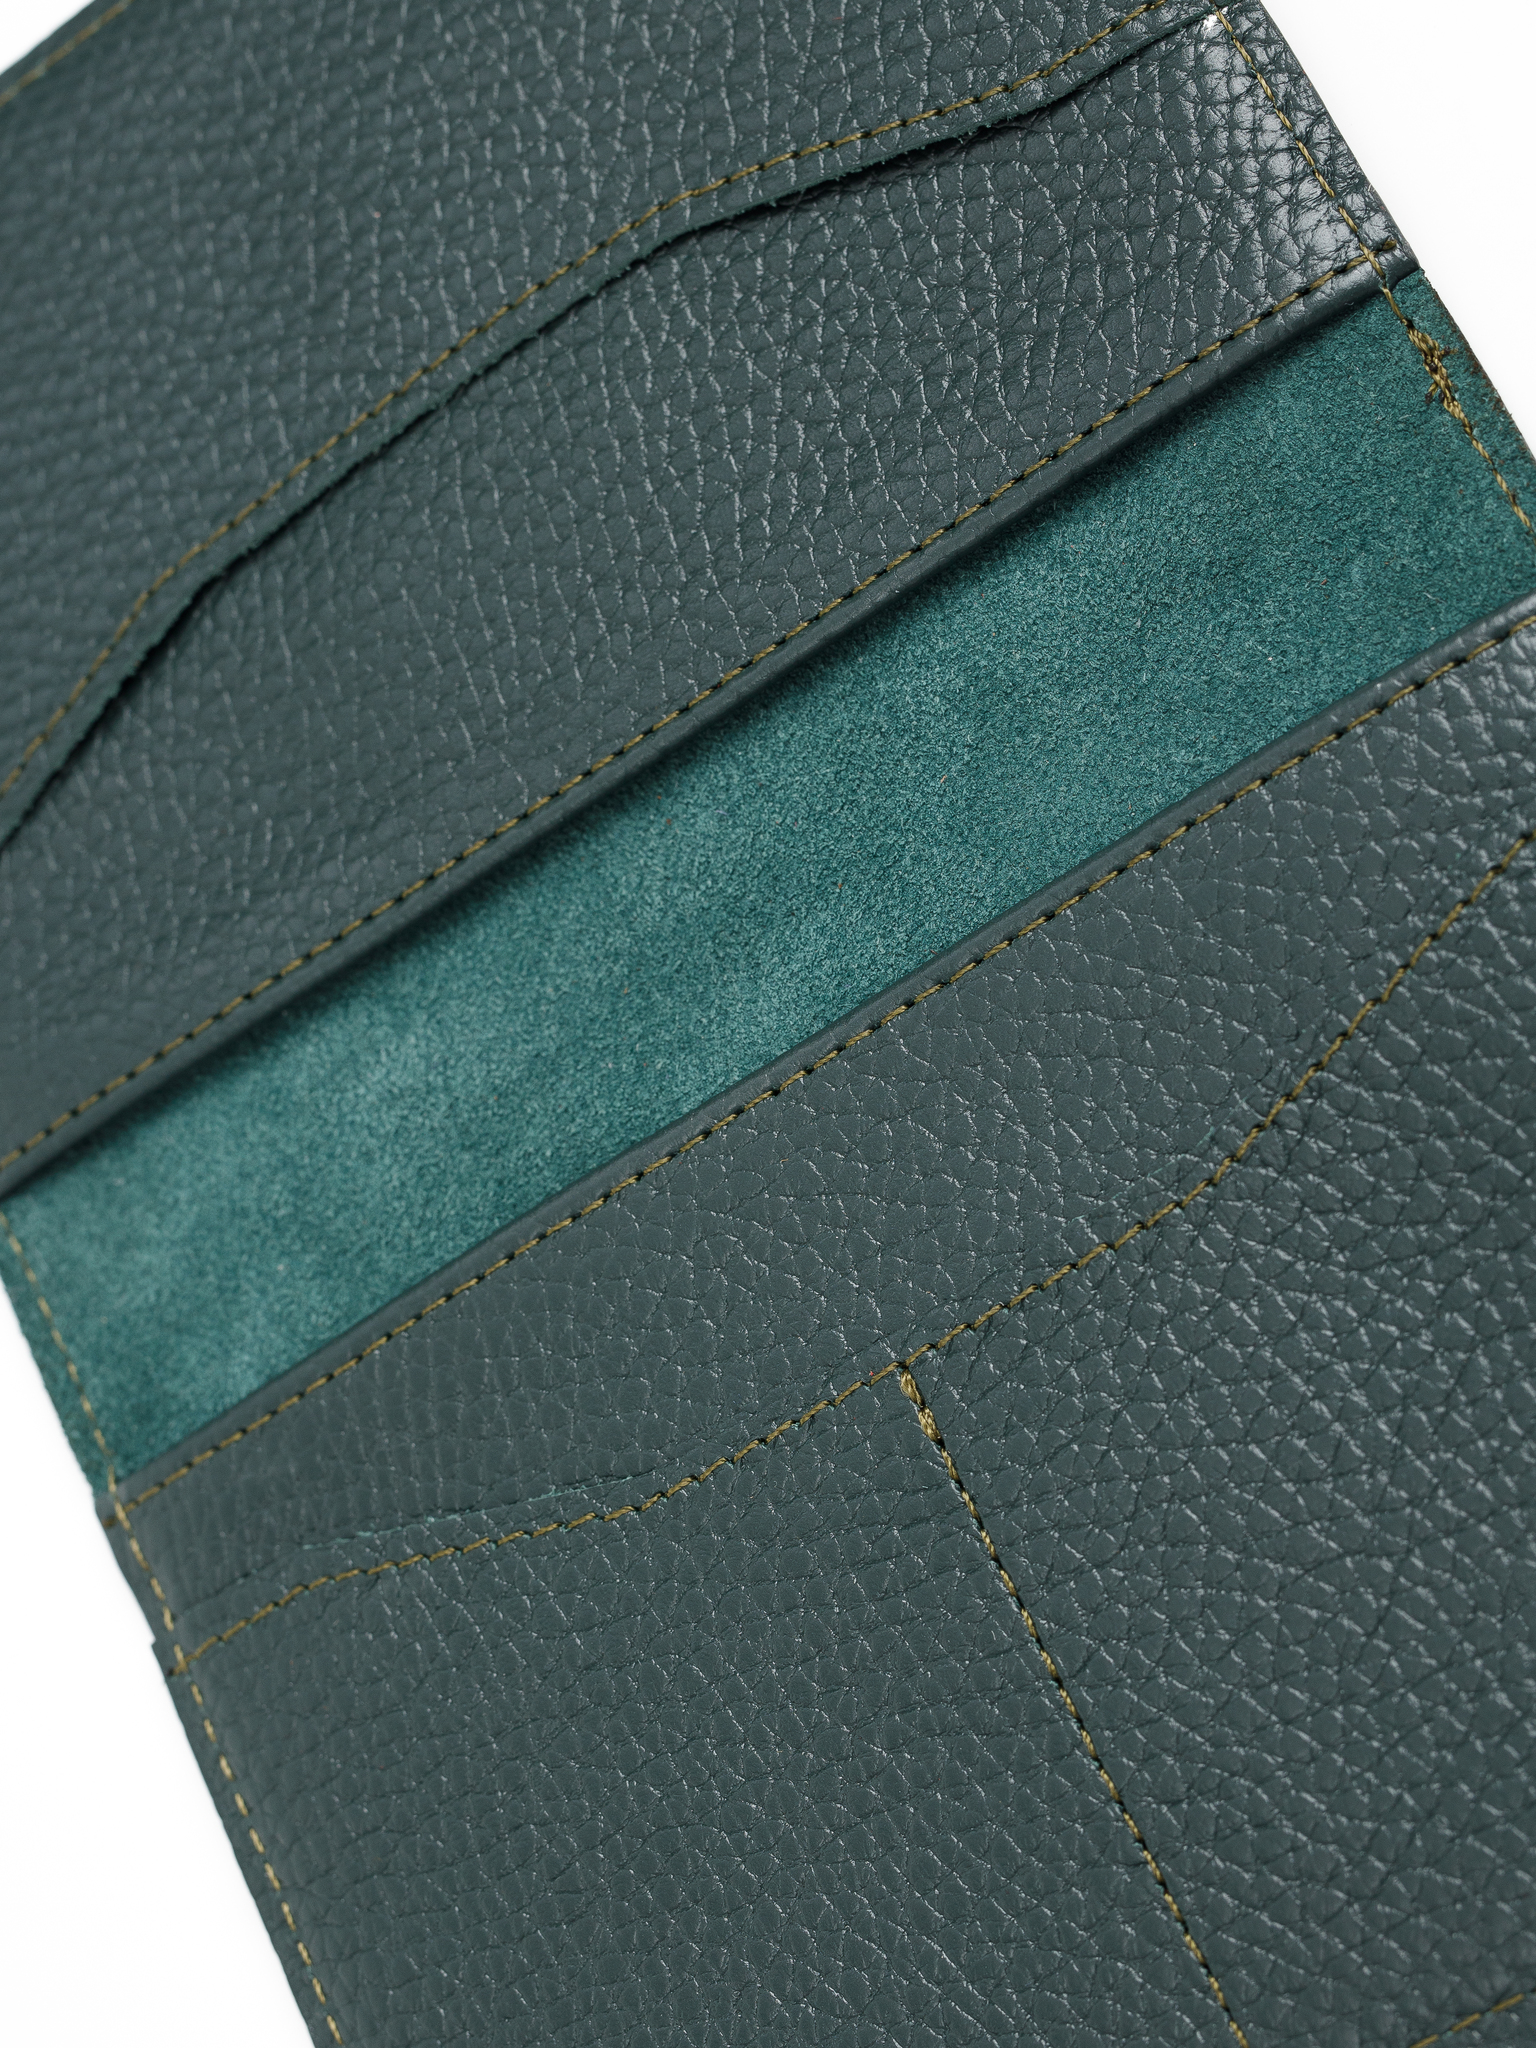 Обложка для паспорта с карманами | Зелёный